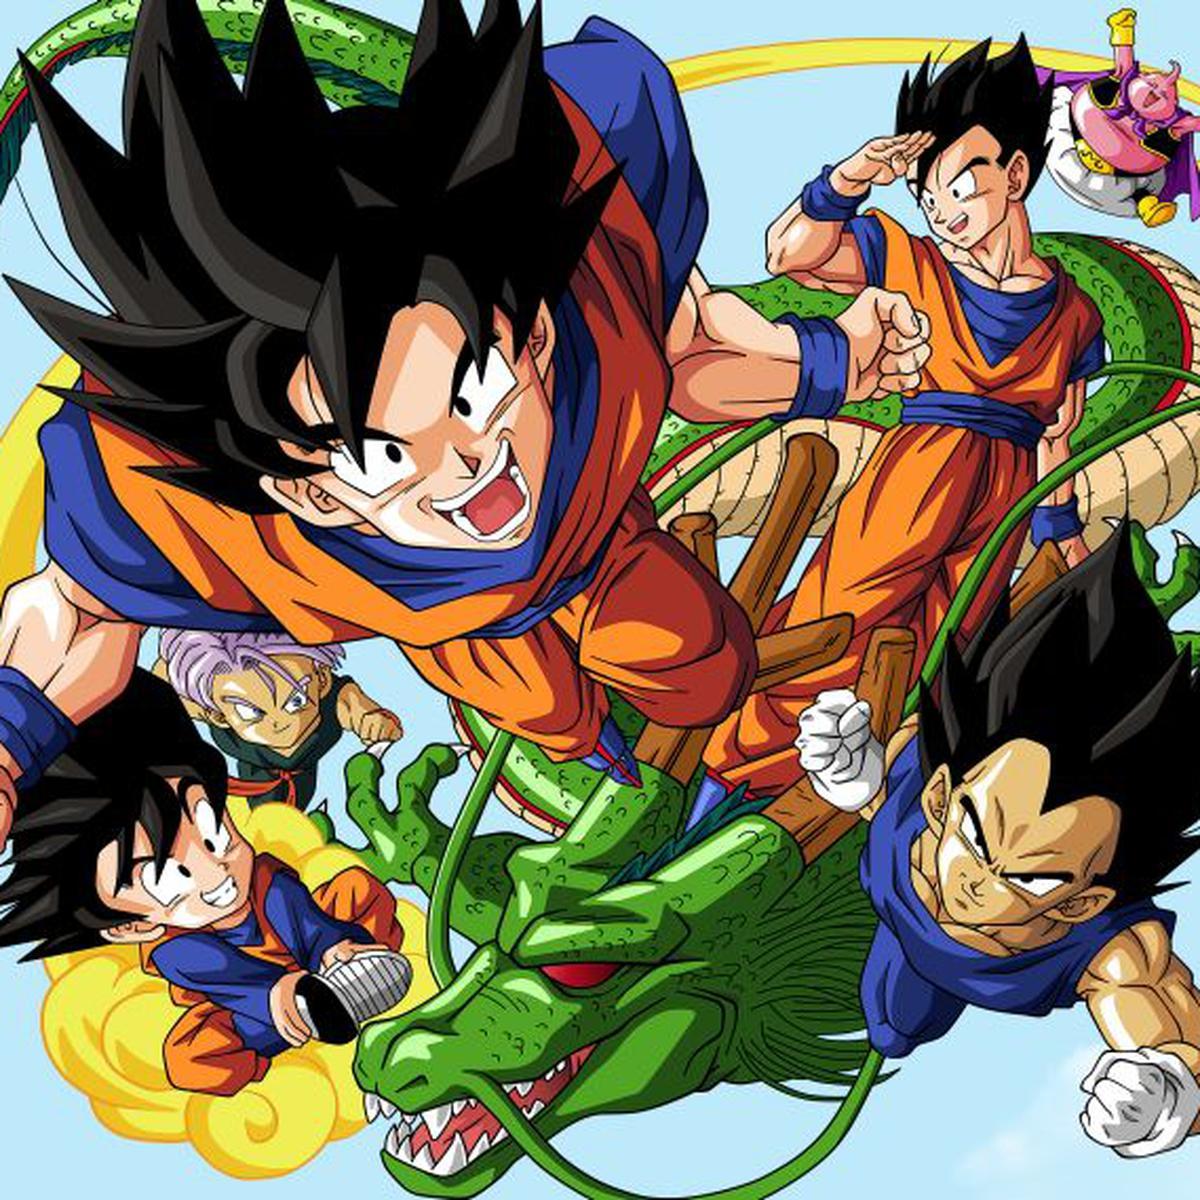 Dragon Ball Super Como Debes Ver Las Sagas Y Peliculas Para Entender Todo El Anime Dragon Ball Anime Manga Mexico Depor Play Depor Is een personage uit dragon ball z. dragon ball super como debes ver las